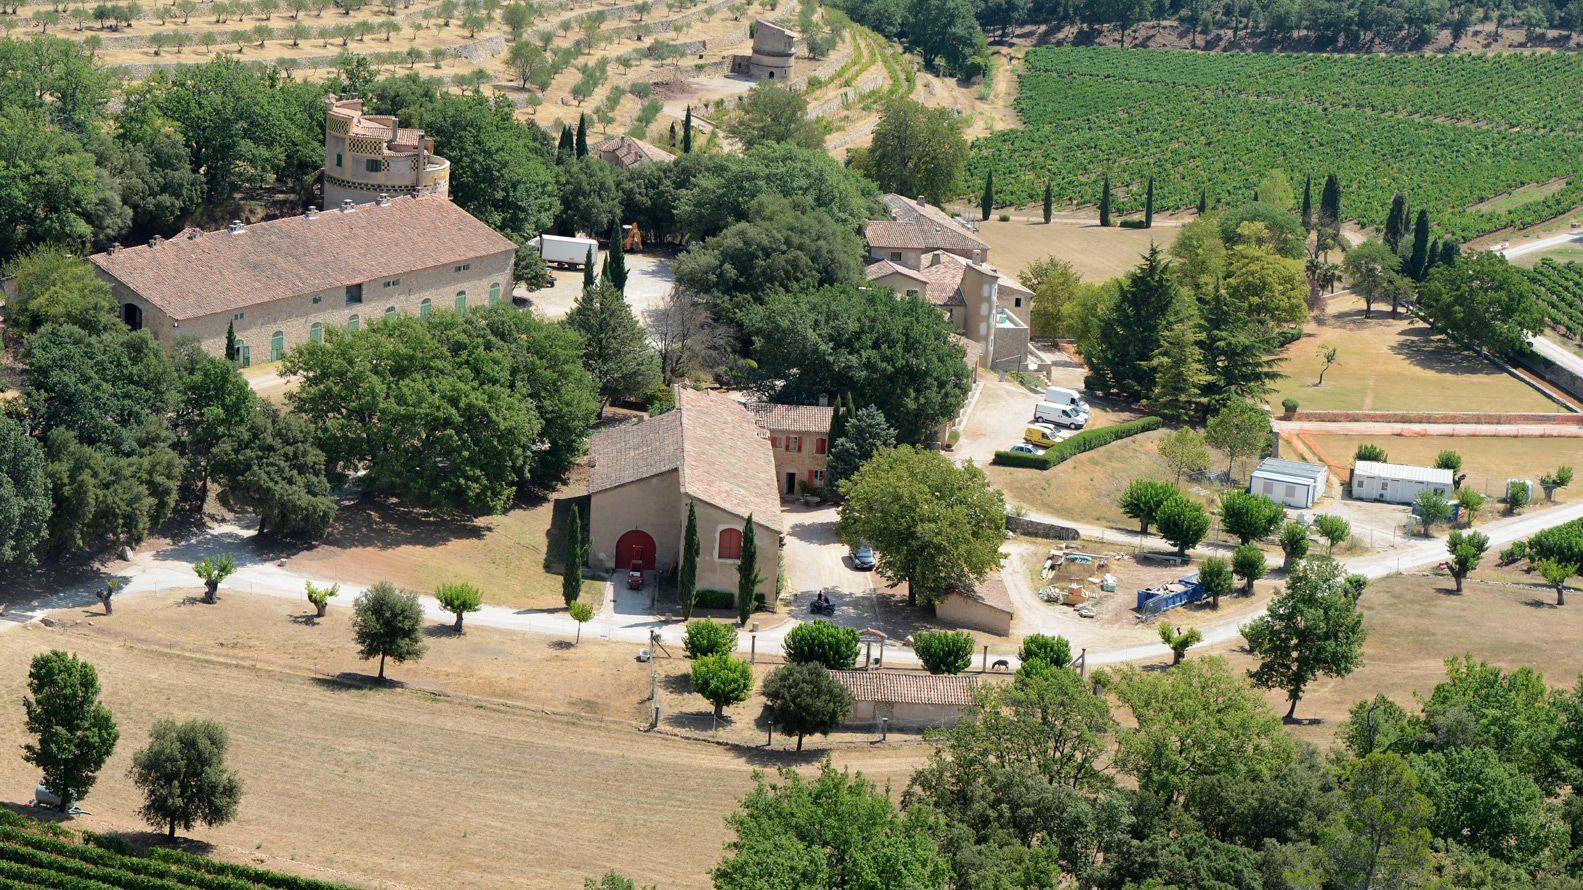 La  casa palaciega de 35 habitaciones del actor ubicada en el pueblo de Correns en el sur de Francia es donde él y su ex Angelina Jolie, de 45 años, han estado de vacaciones en el pasado y se han casado en 2014. (The Grosby Group)